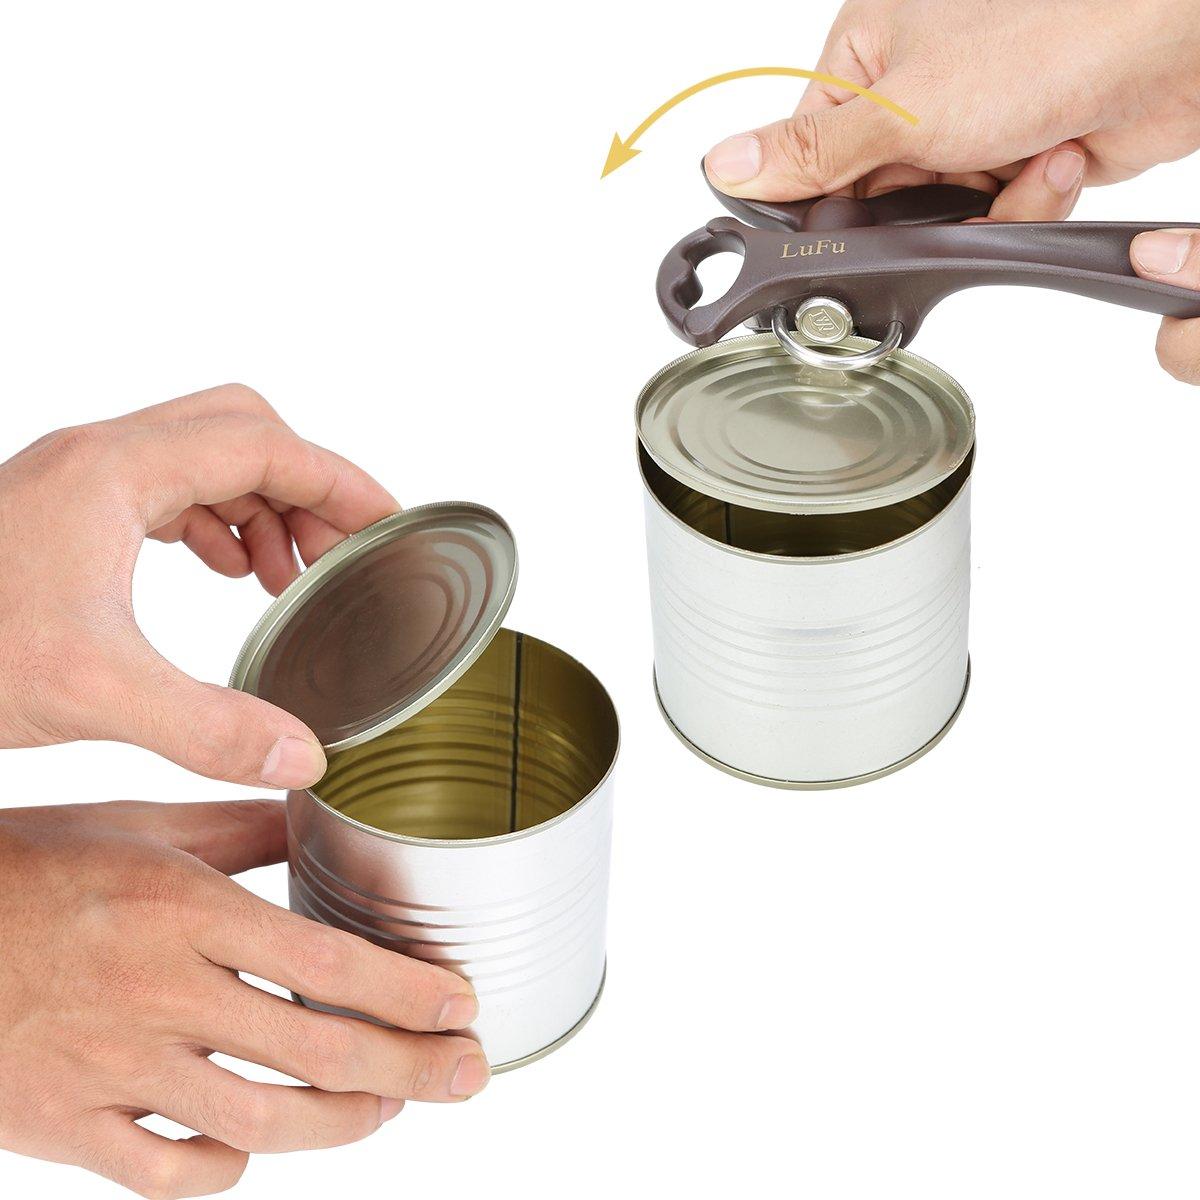 Le meilleur choix du chef. ouvre-bo/îte de cuisine 2 en 1 avec le bord soign/é et lisse ouvre-bouteille LUFU Ouvre-bo/îte manuel